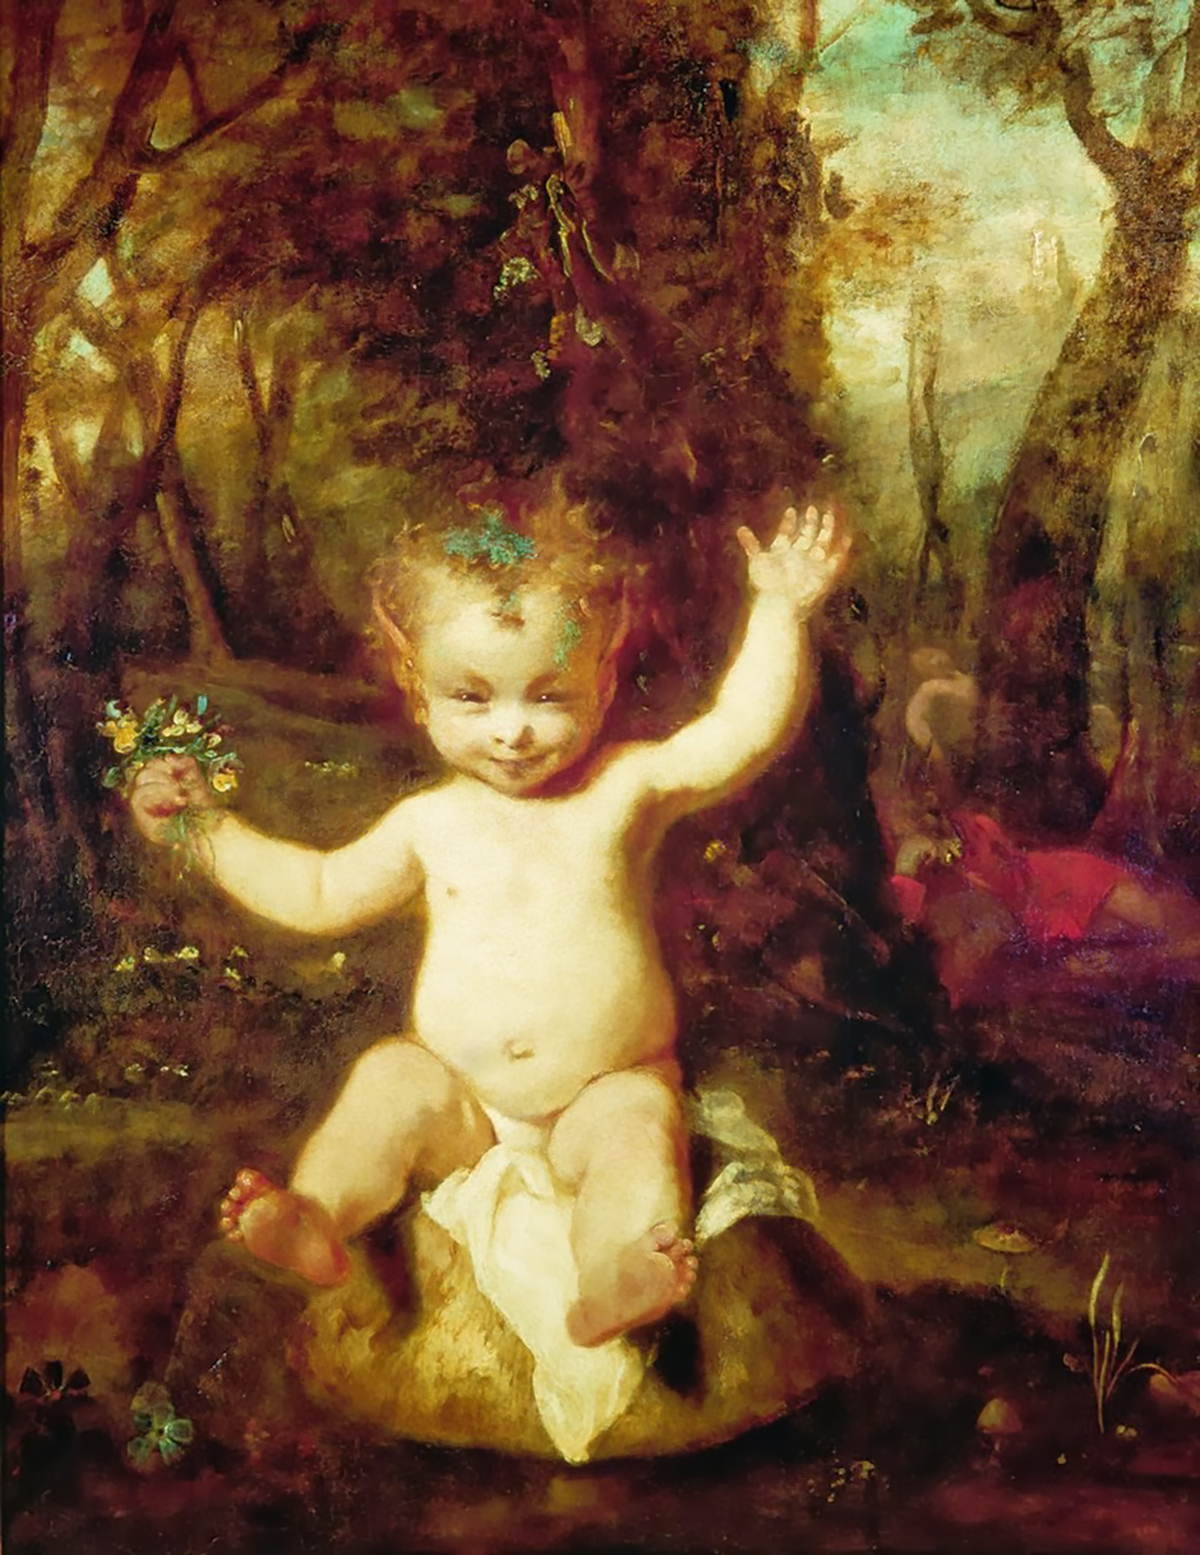 【圖1】Sir Joshua Reynolds, Puck, 1789, Oil on canvas, 102×81cm, Private collection